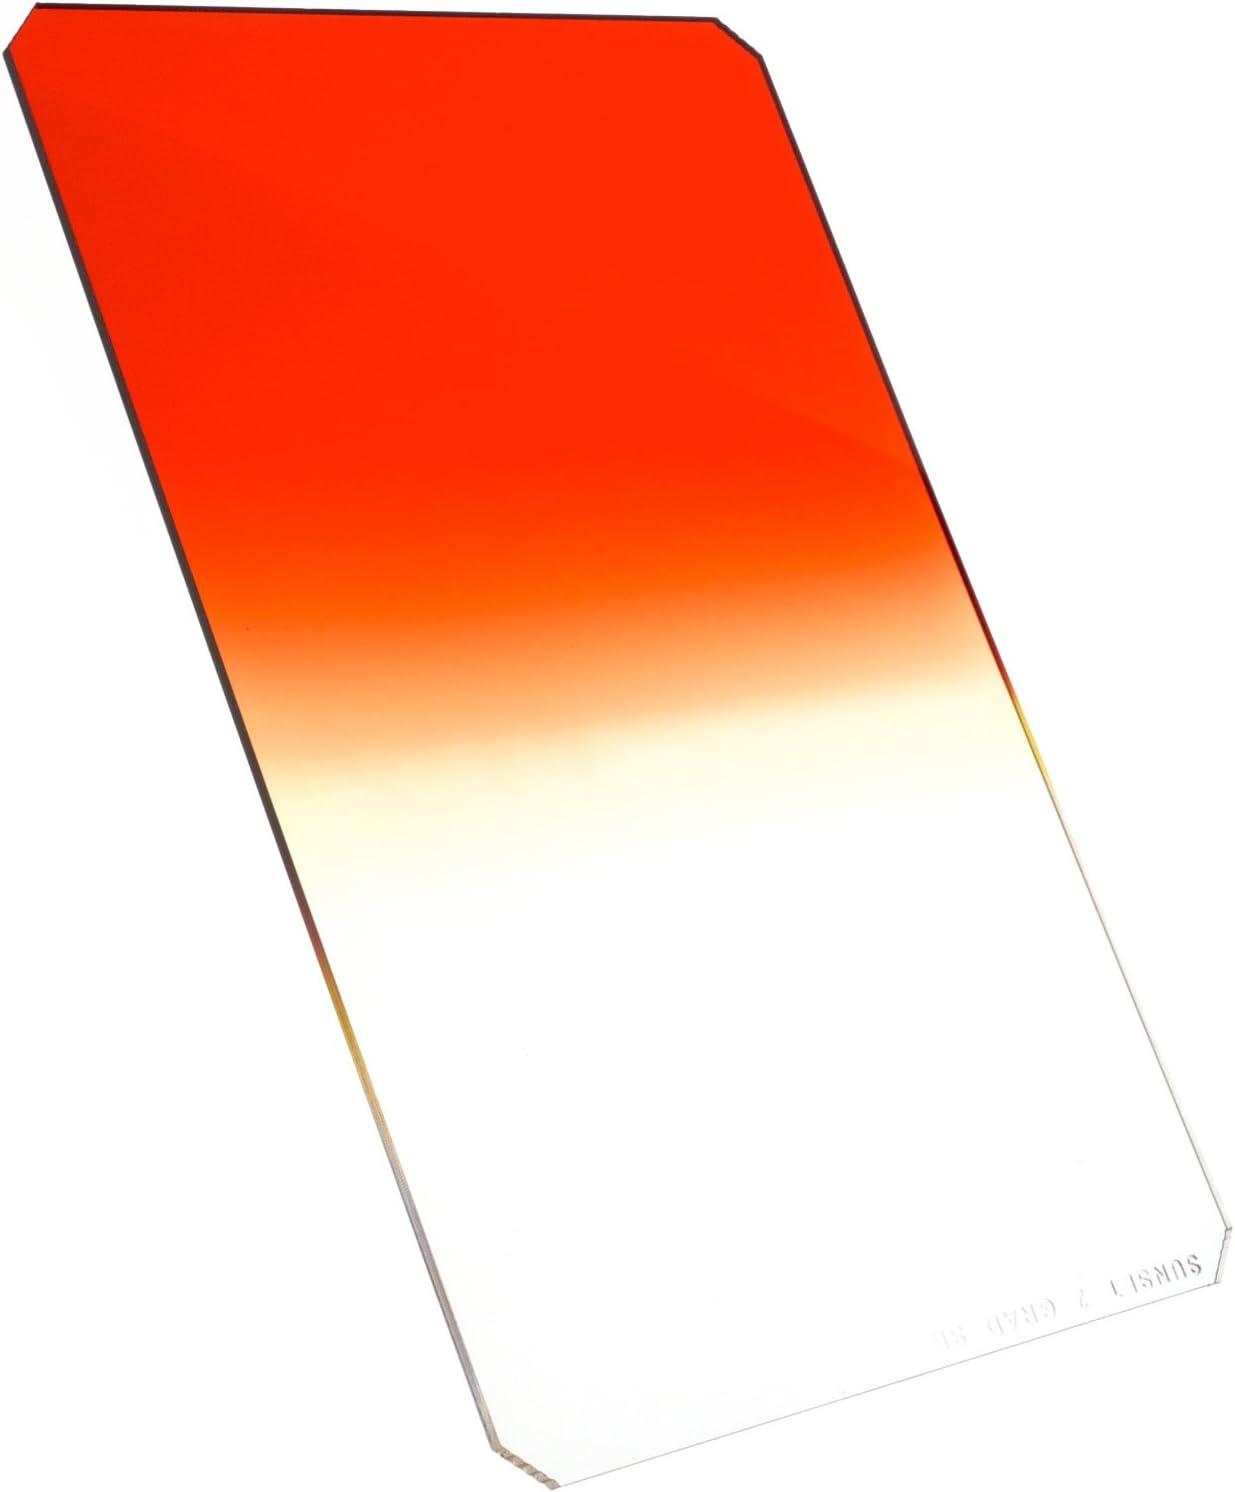 4-Inchx5-Inch Hitech 100x125MM Sunset 1 Hard Edge